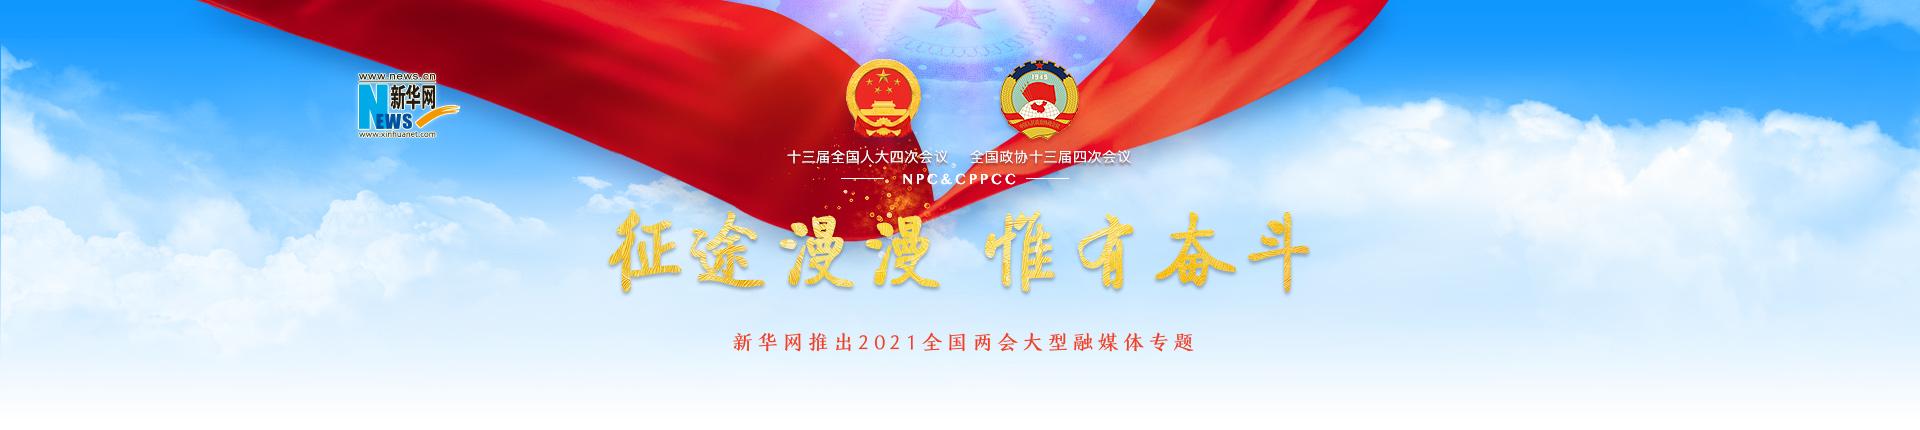 新華網推出2021全國兩會大型融媒體專題